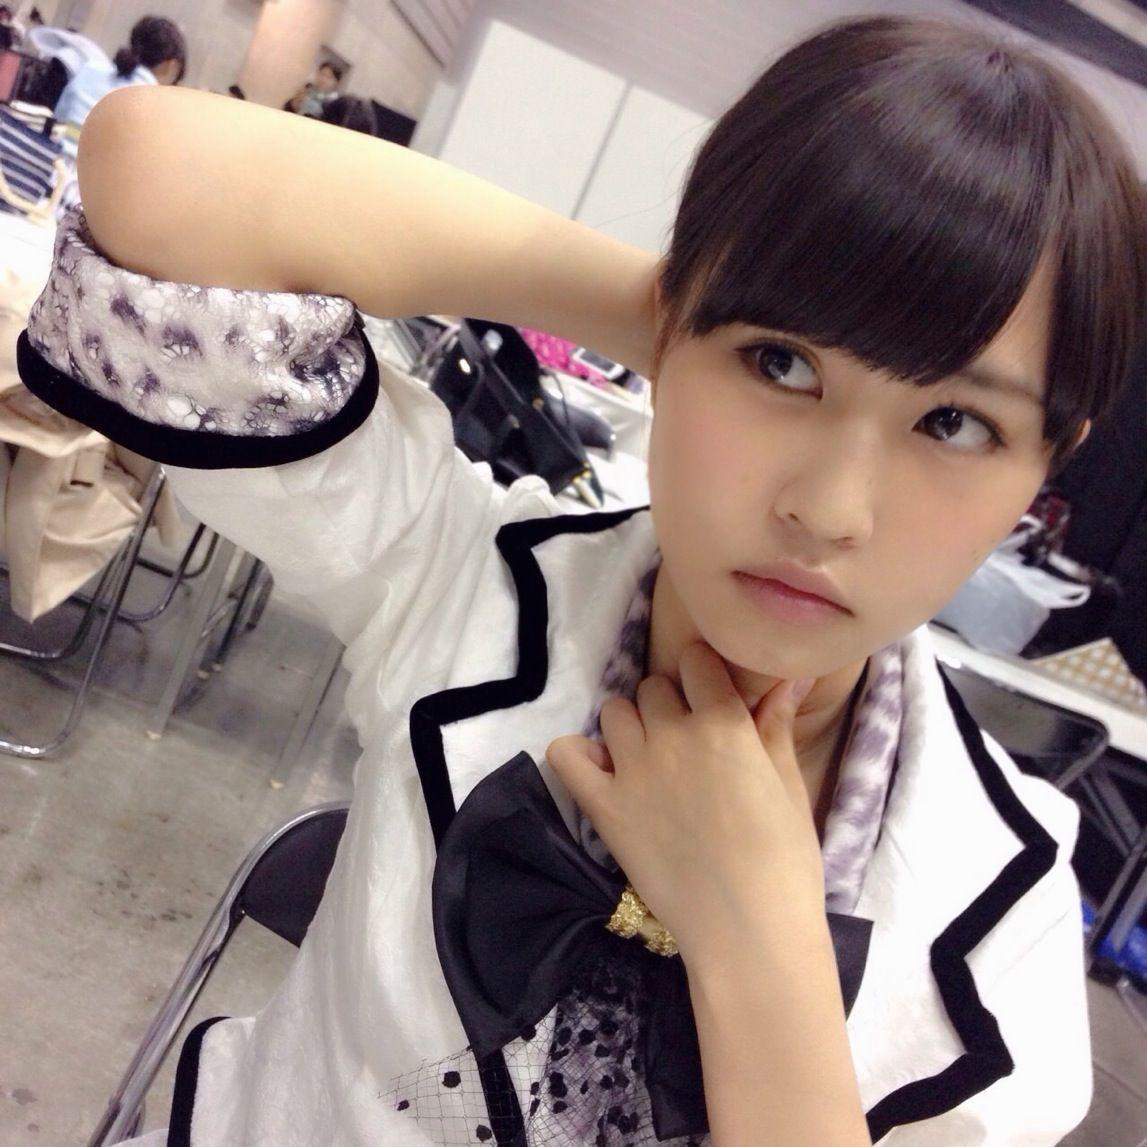 AKB48衣装図鑑に偽前田敦子wwwwwwwww